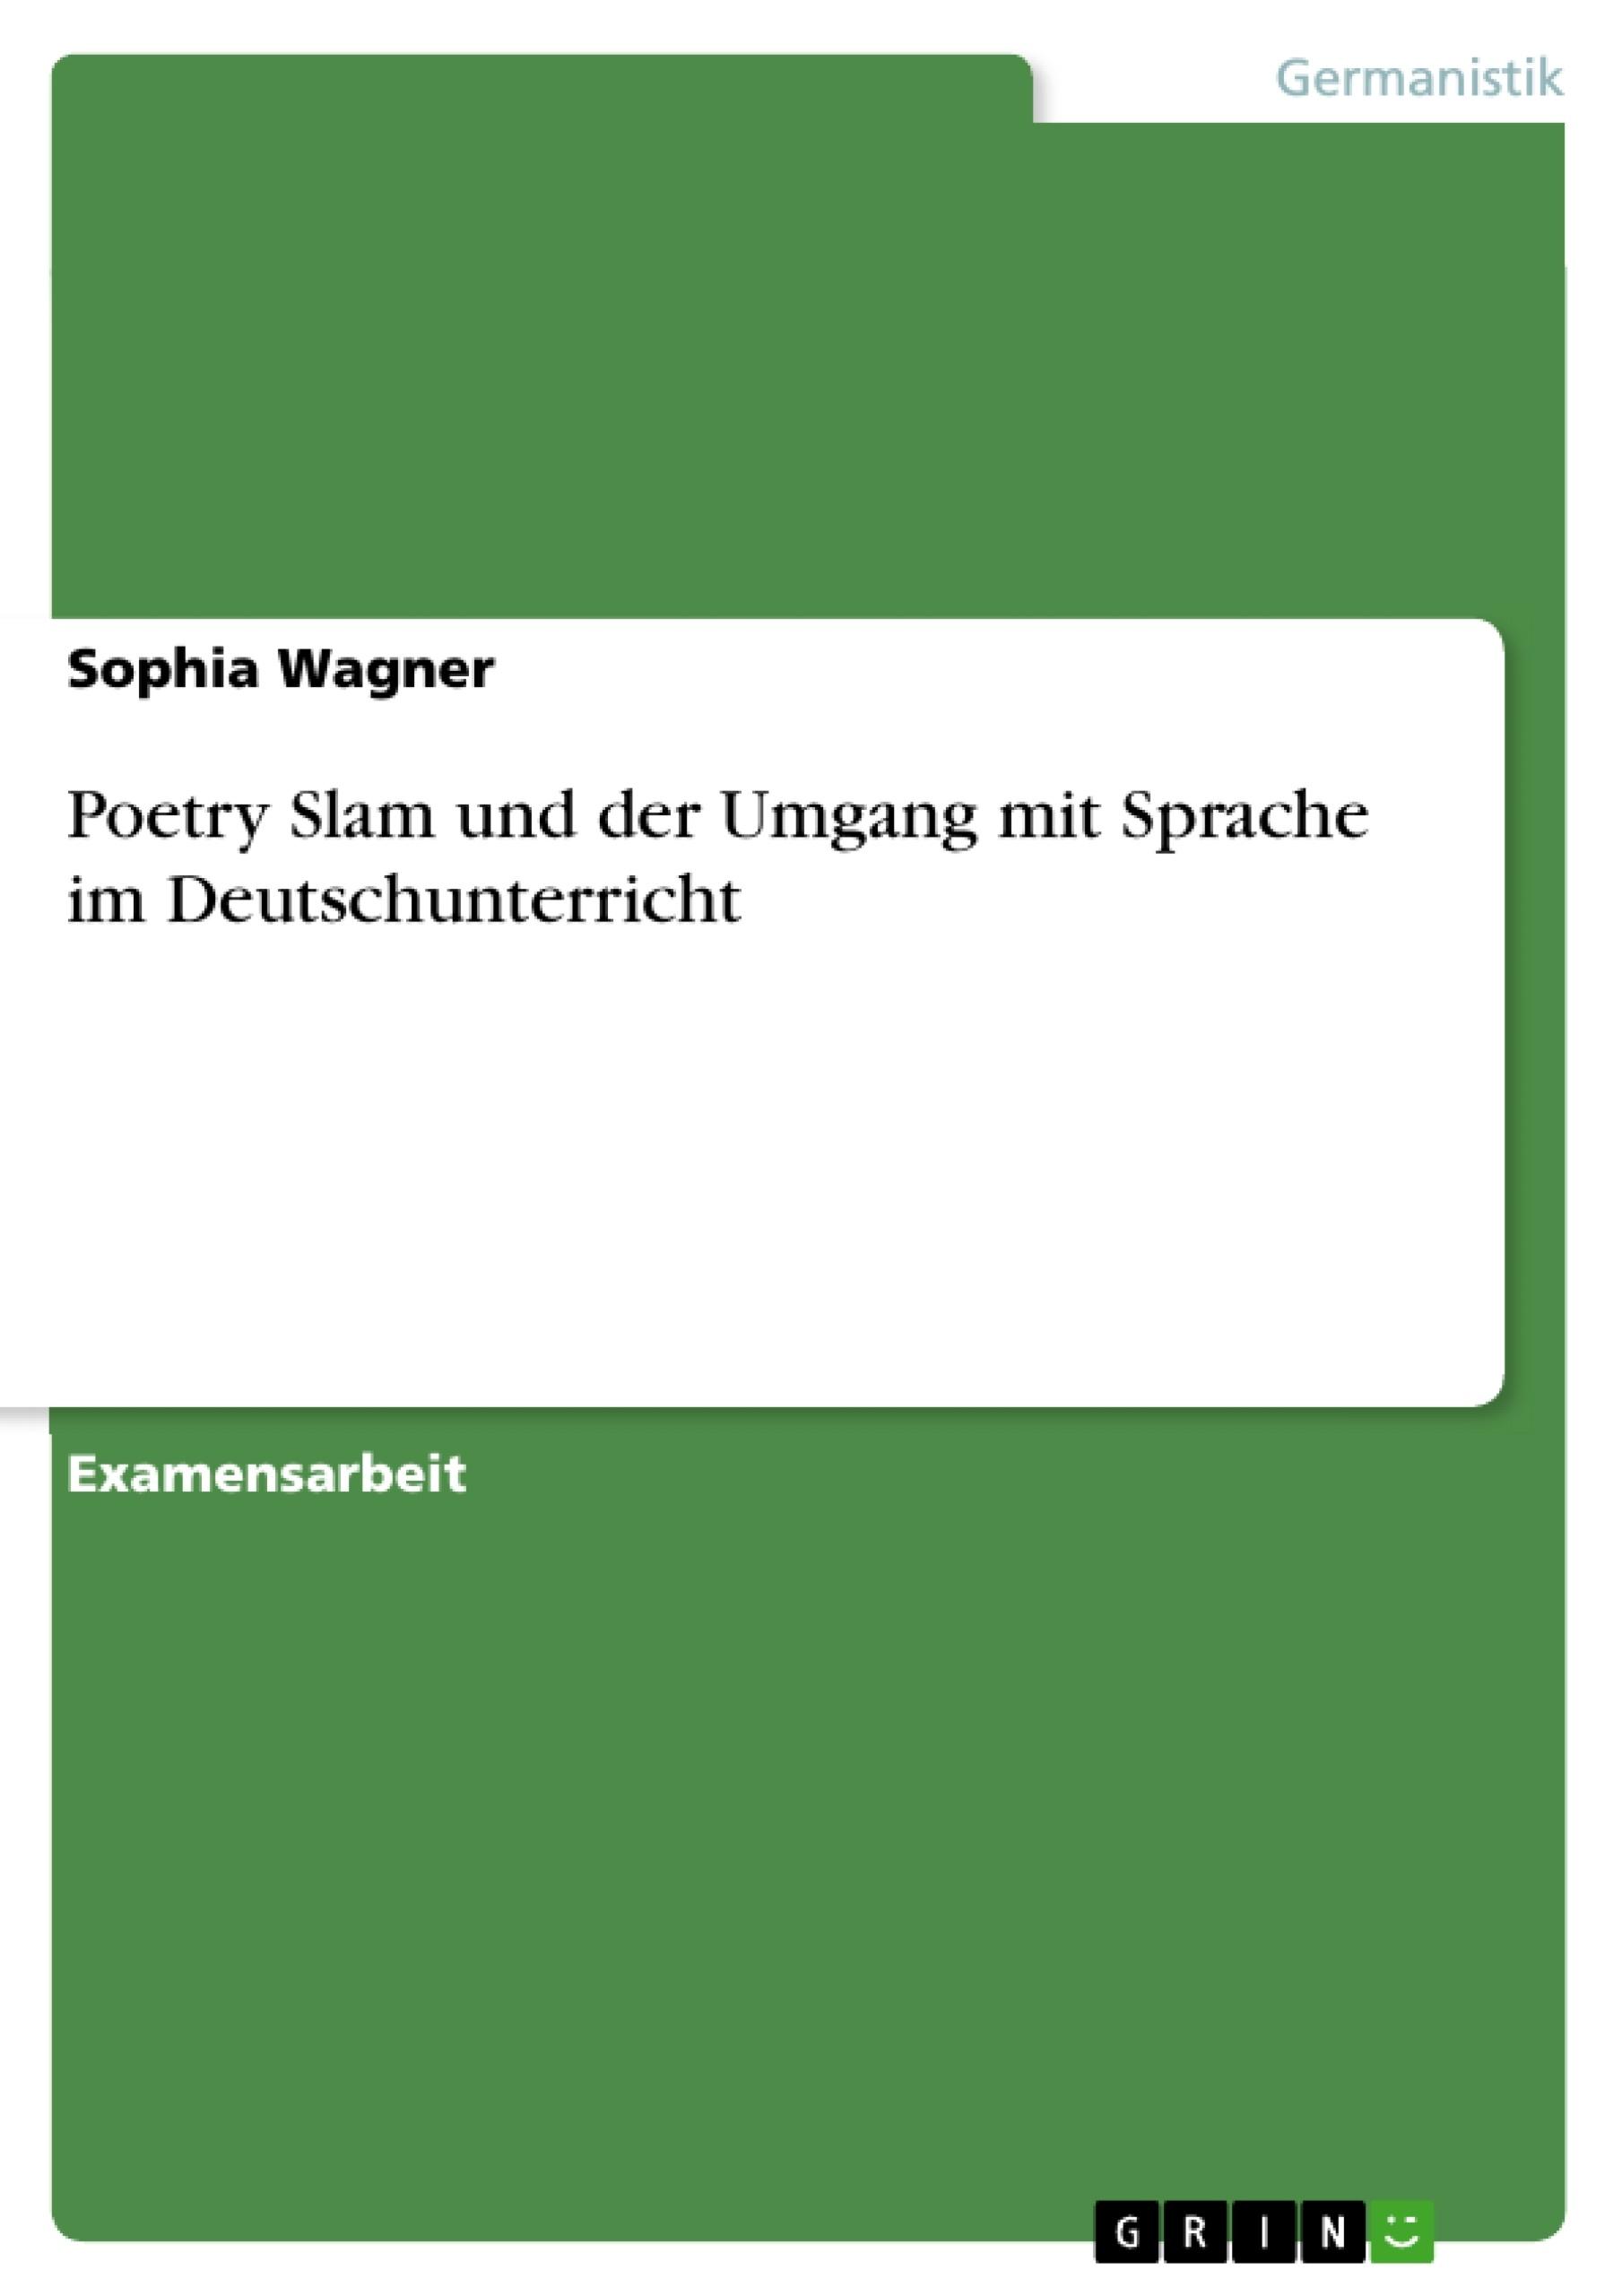 Titel: Poetry Slam und der Umgang mit Sprache im Deutschunterricht